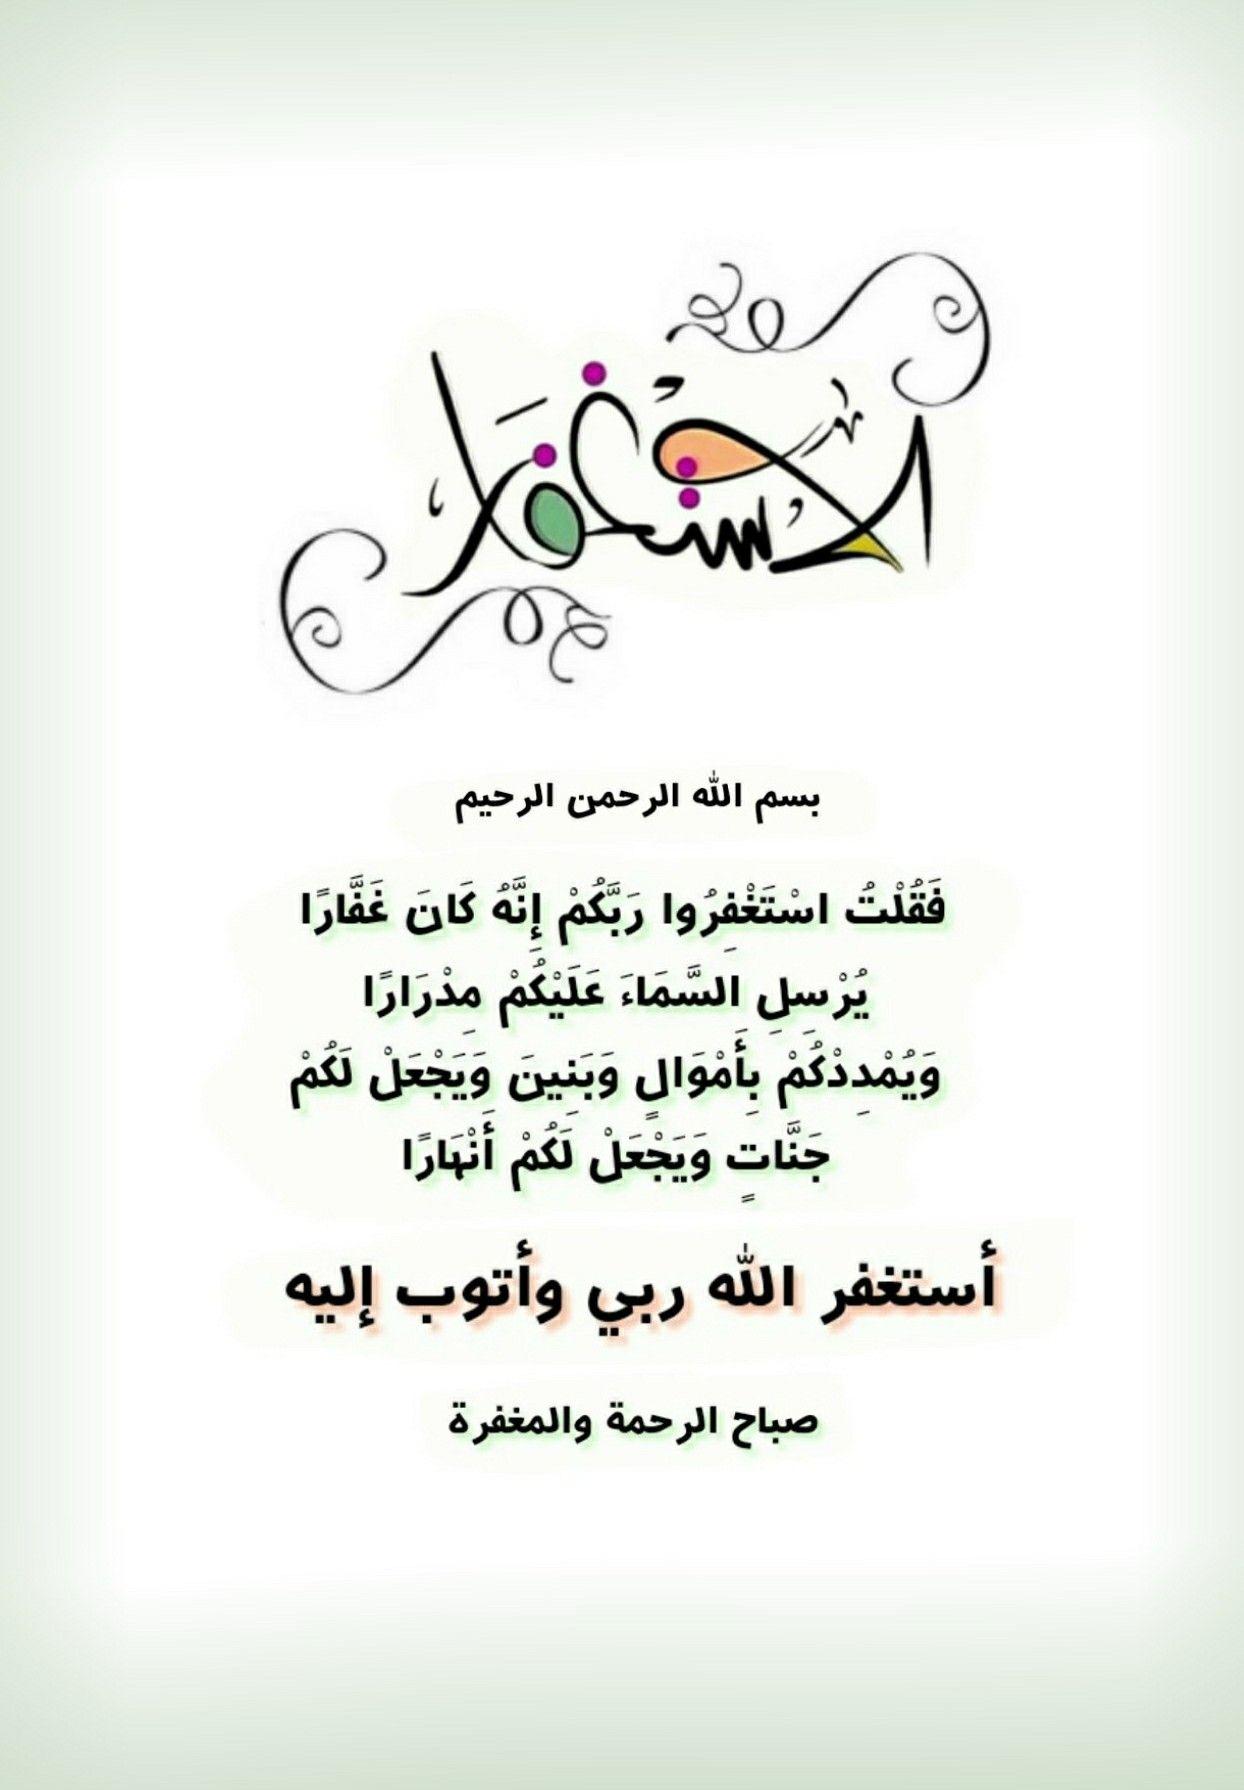 بسم الله الرحمن الرحيم ف ق ل ت اس ت غ ف ر وا ر ب ك م إ ن ه ك ان غ ف ار ا ي ر س ل الس م اء ع ل ي ك م م Good Morning Greetings Love In Islam Words